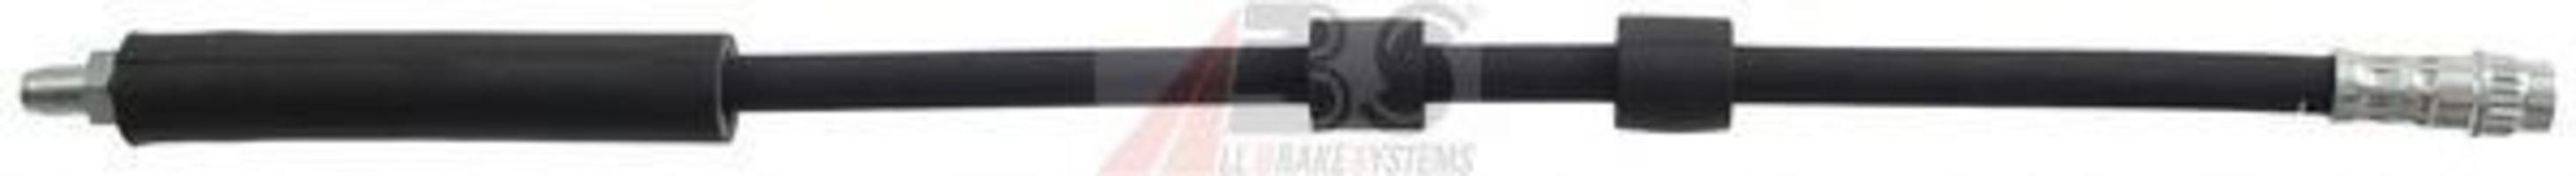 Шланг тормозной A.B.S. SL 5592